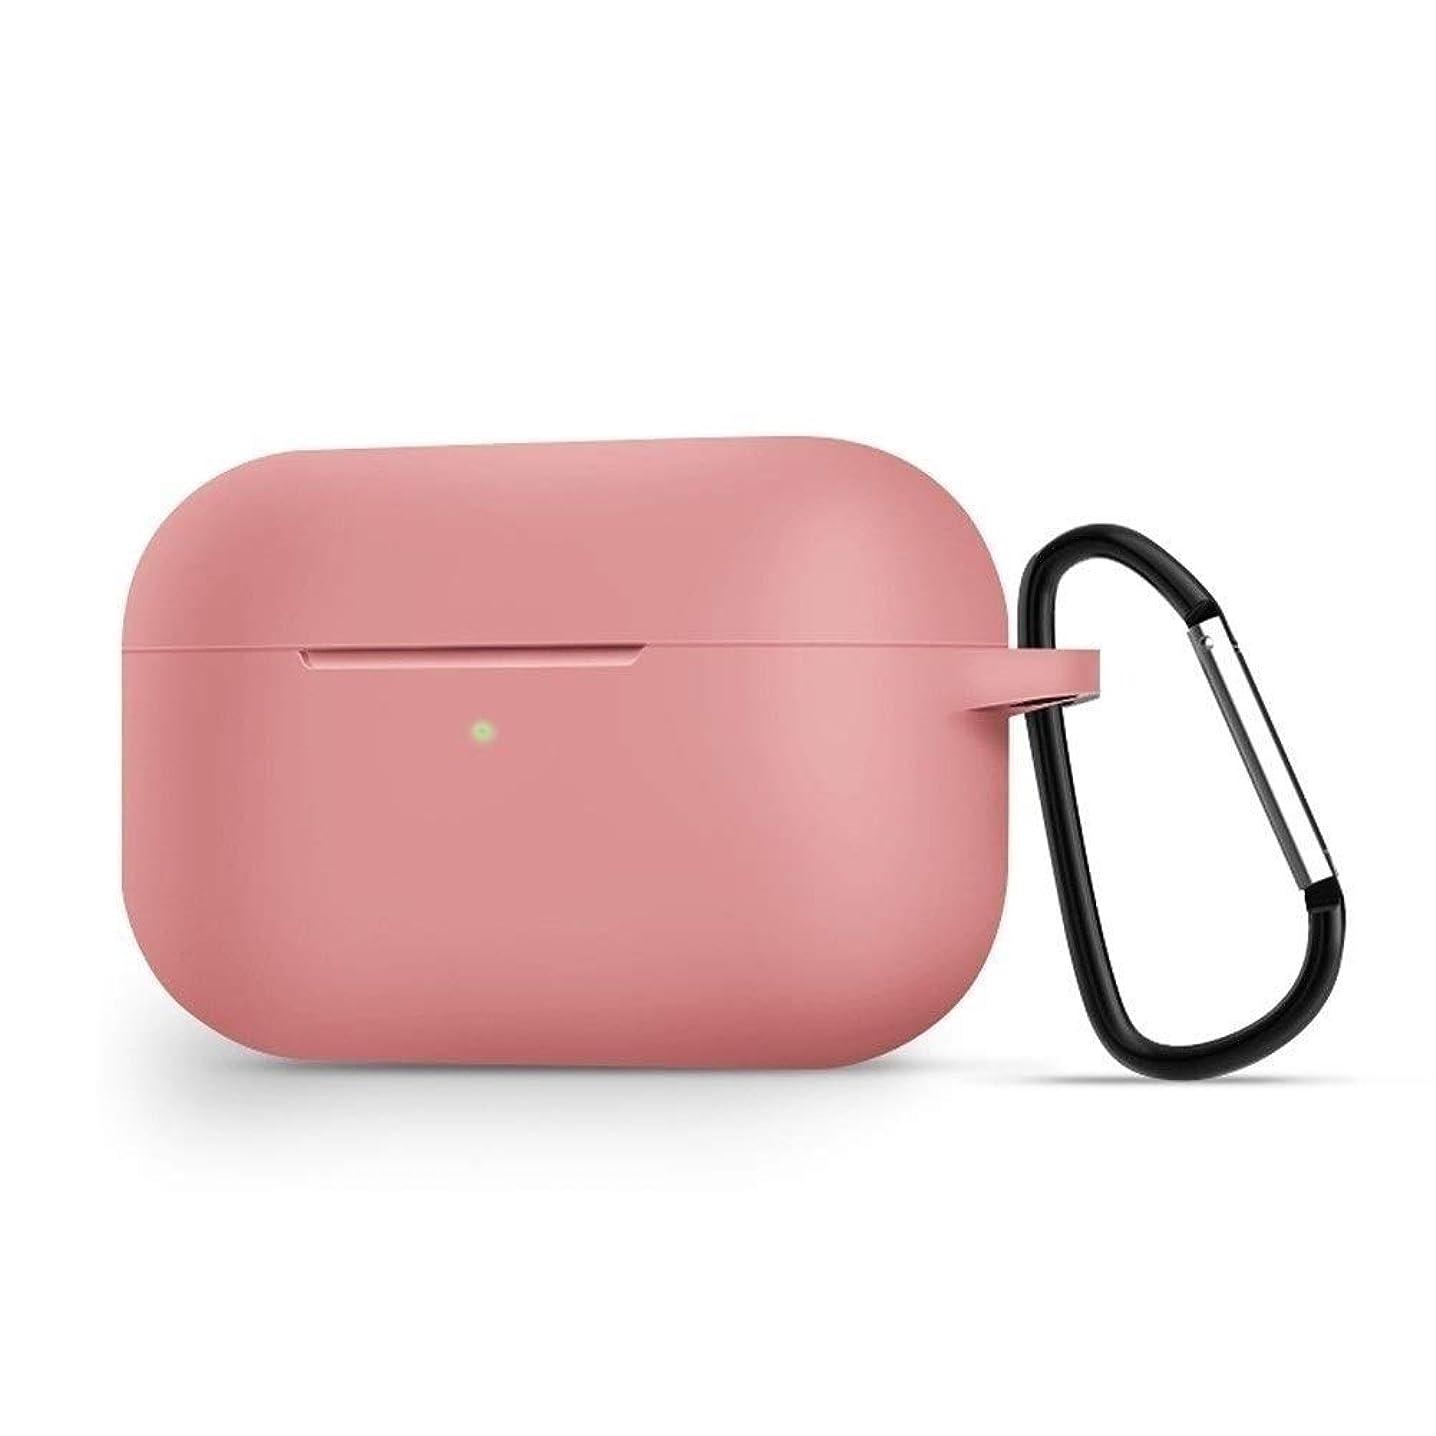 郊外マーガレットミッチェルハードリングHKXR スタイリッシュな保護カバー、防水ワイヤレスBluetoothヘッドセット、液状シリコーン新しいシンプルソリッドカラー超薄型クリエイティブ保護カバー、 (Color : Pink)